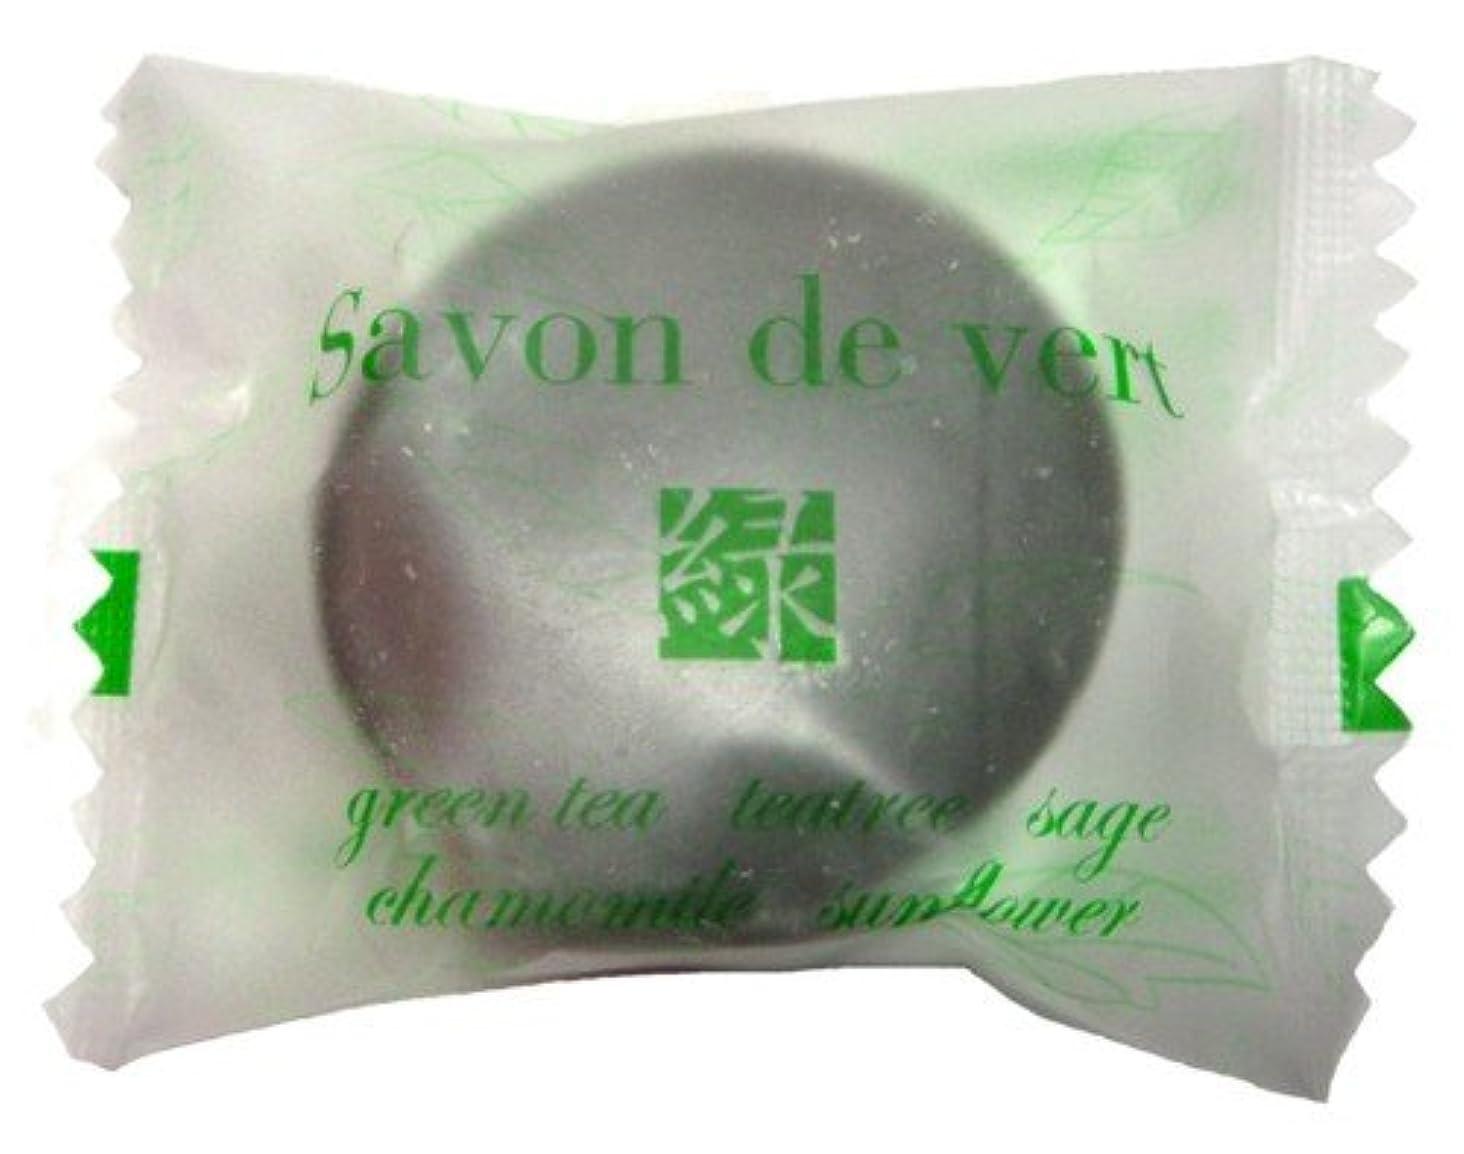 サヴォンドゥヴェール緑 20g